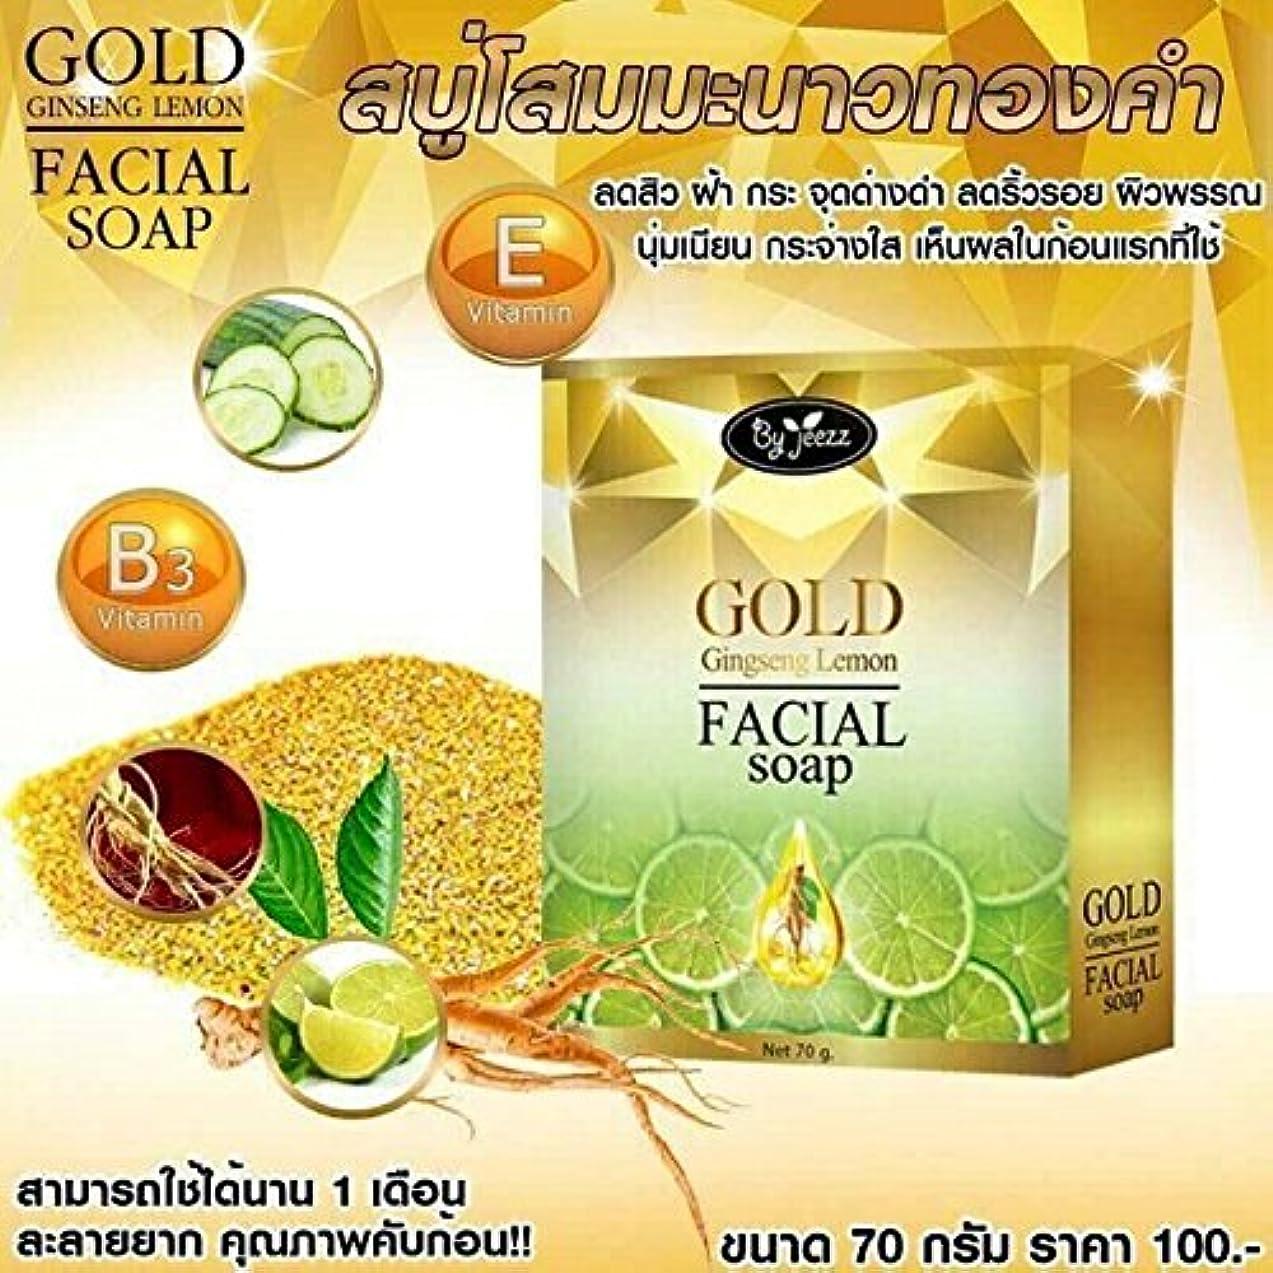 マングルショット安価な1 X Natural Herbal Whitening Soap. Ginseng Lemon Soap (Gold Ginseng Lemon Facial Soap by jeezz) 70 g. Free shipping